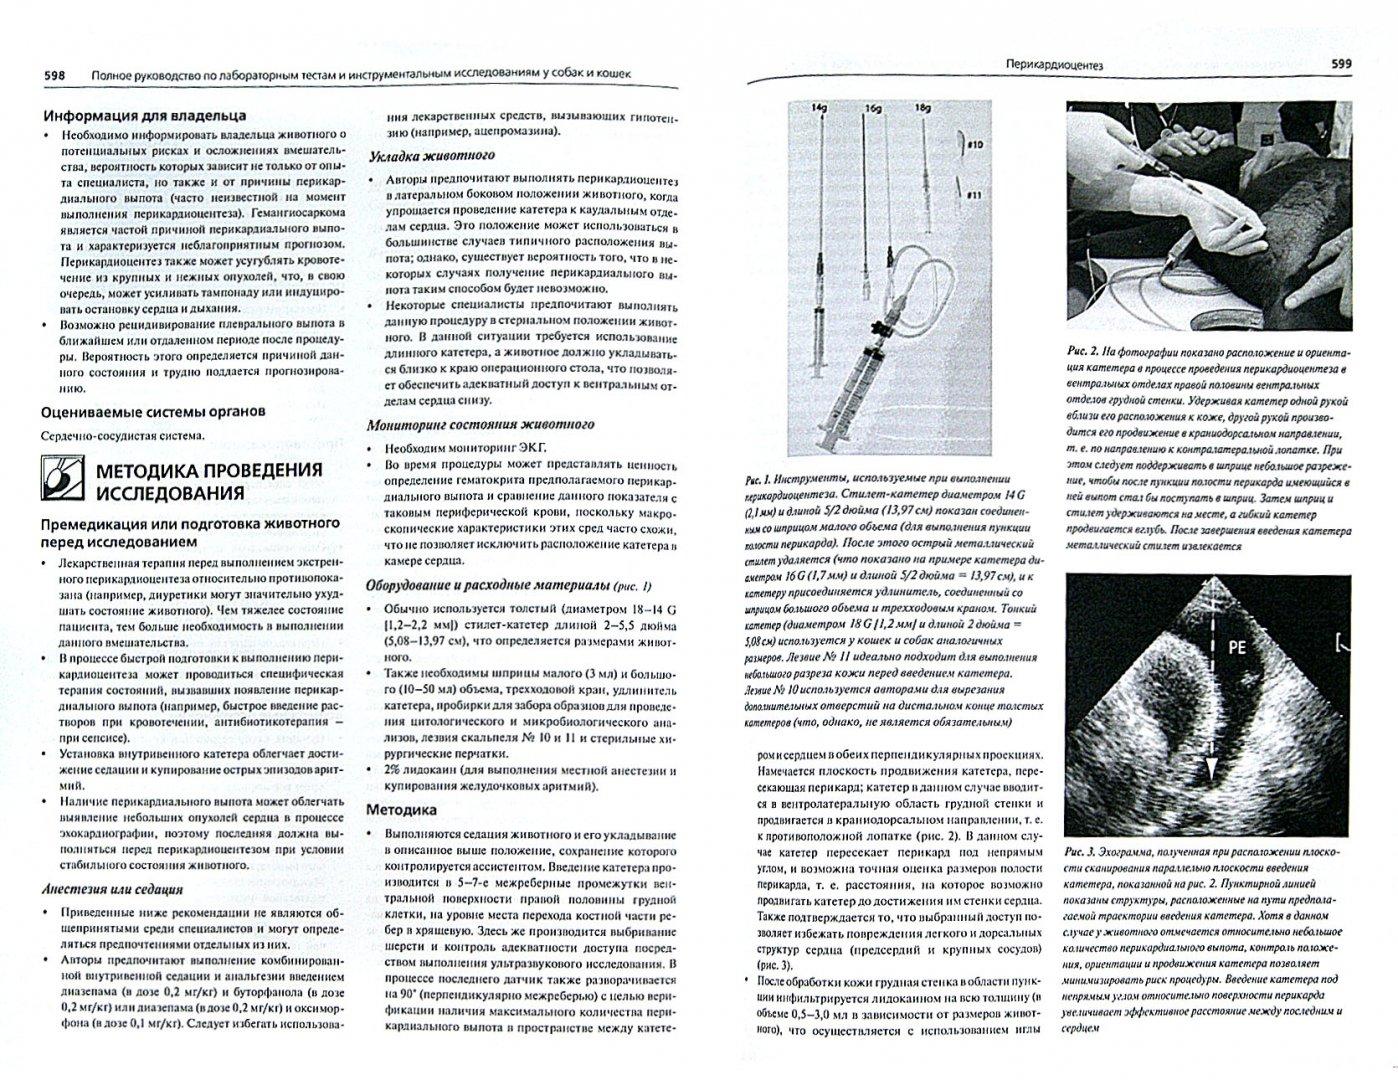 Иллюстрация 1 из 9 для Полное руководство по лабораторным и инструментальным исследованиям у собак и кошек - Ваден, Нолл, Смит-мл, Тиллей | Лабиринт - книги. Источник: Лабиринт